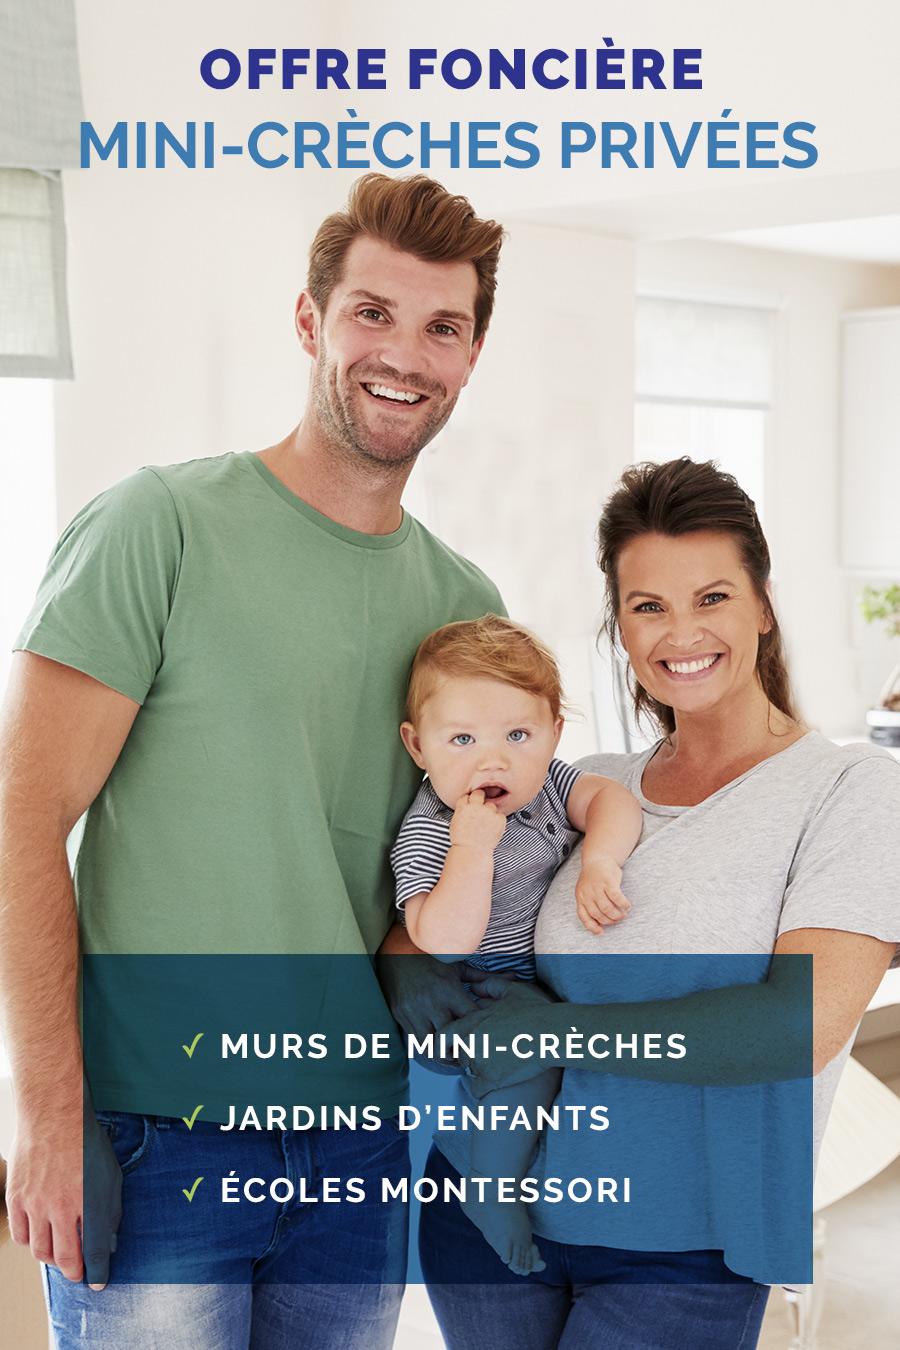 ffre-fonciere-mini-creche